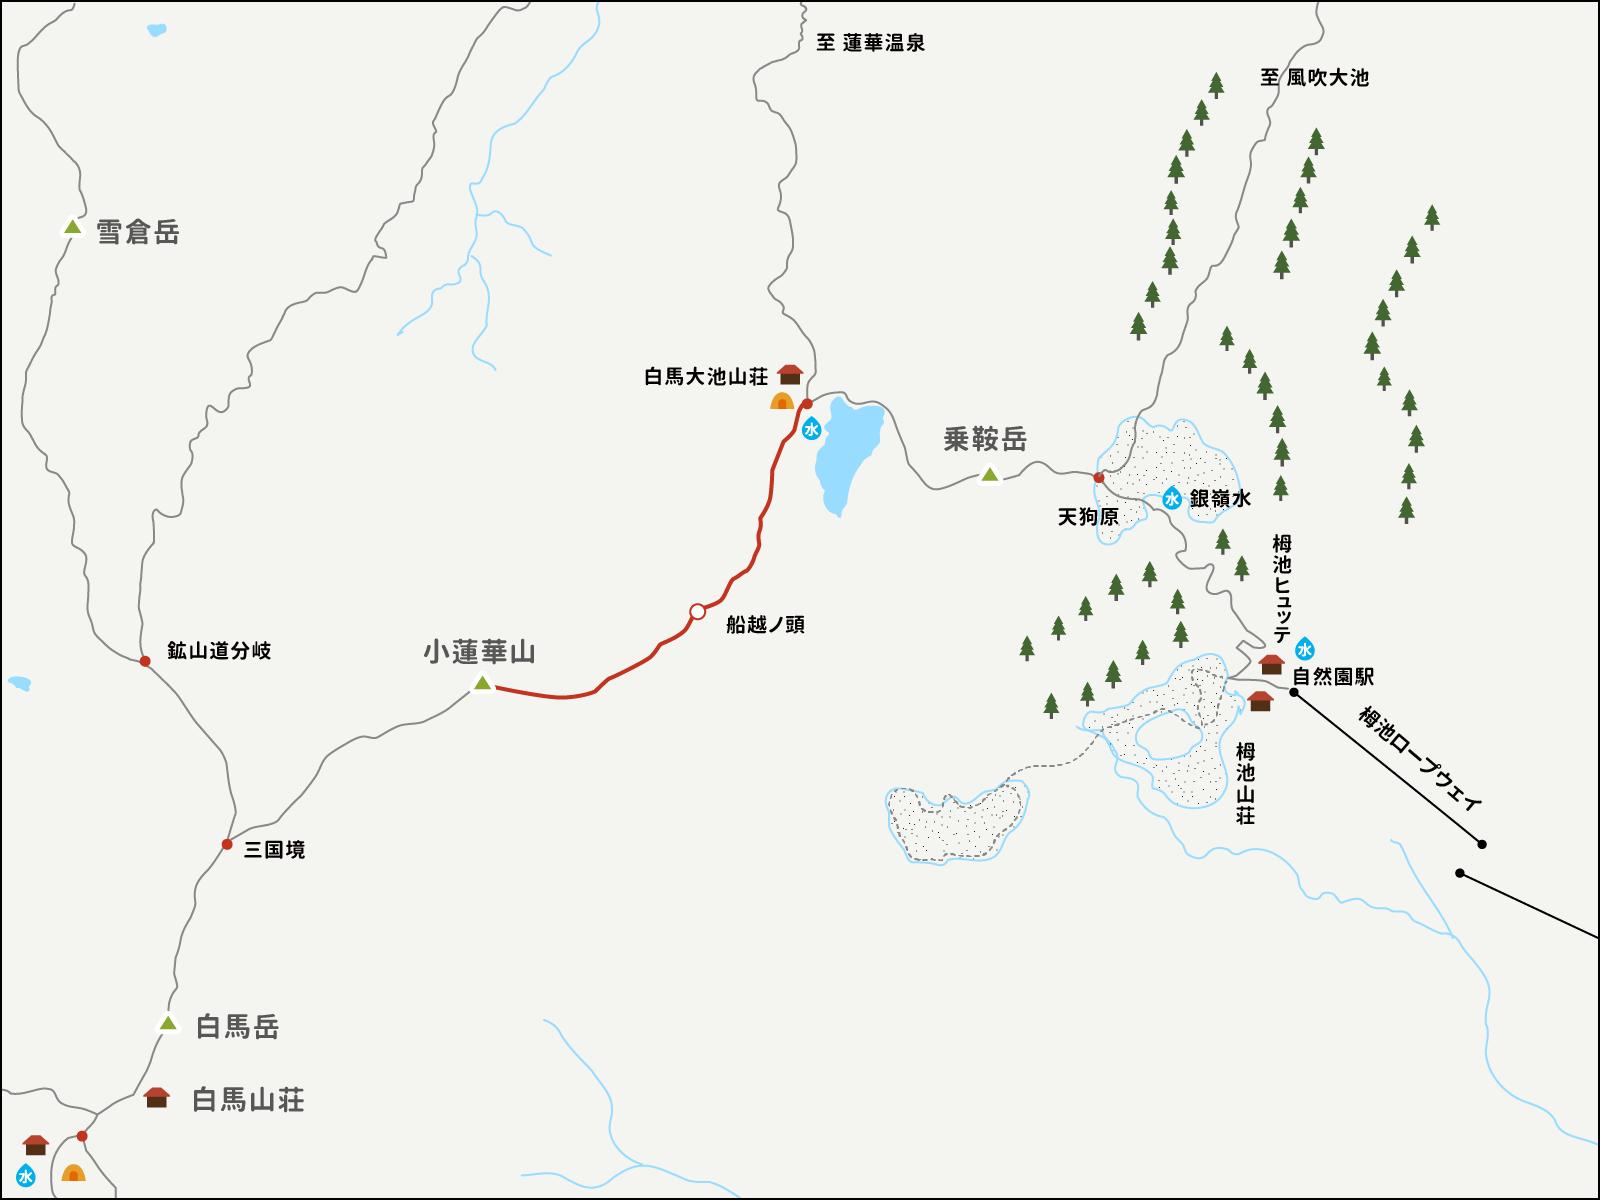 小蓮華山から白馬大池山荘までのイラストマップ